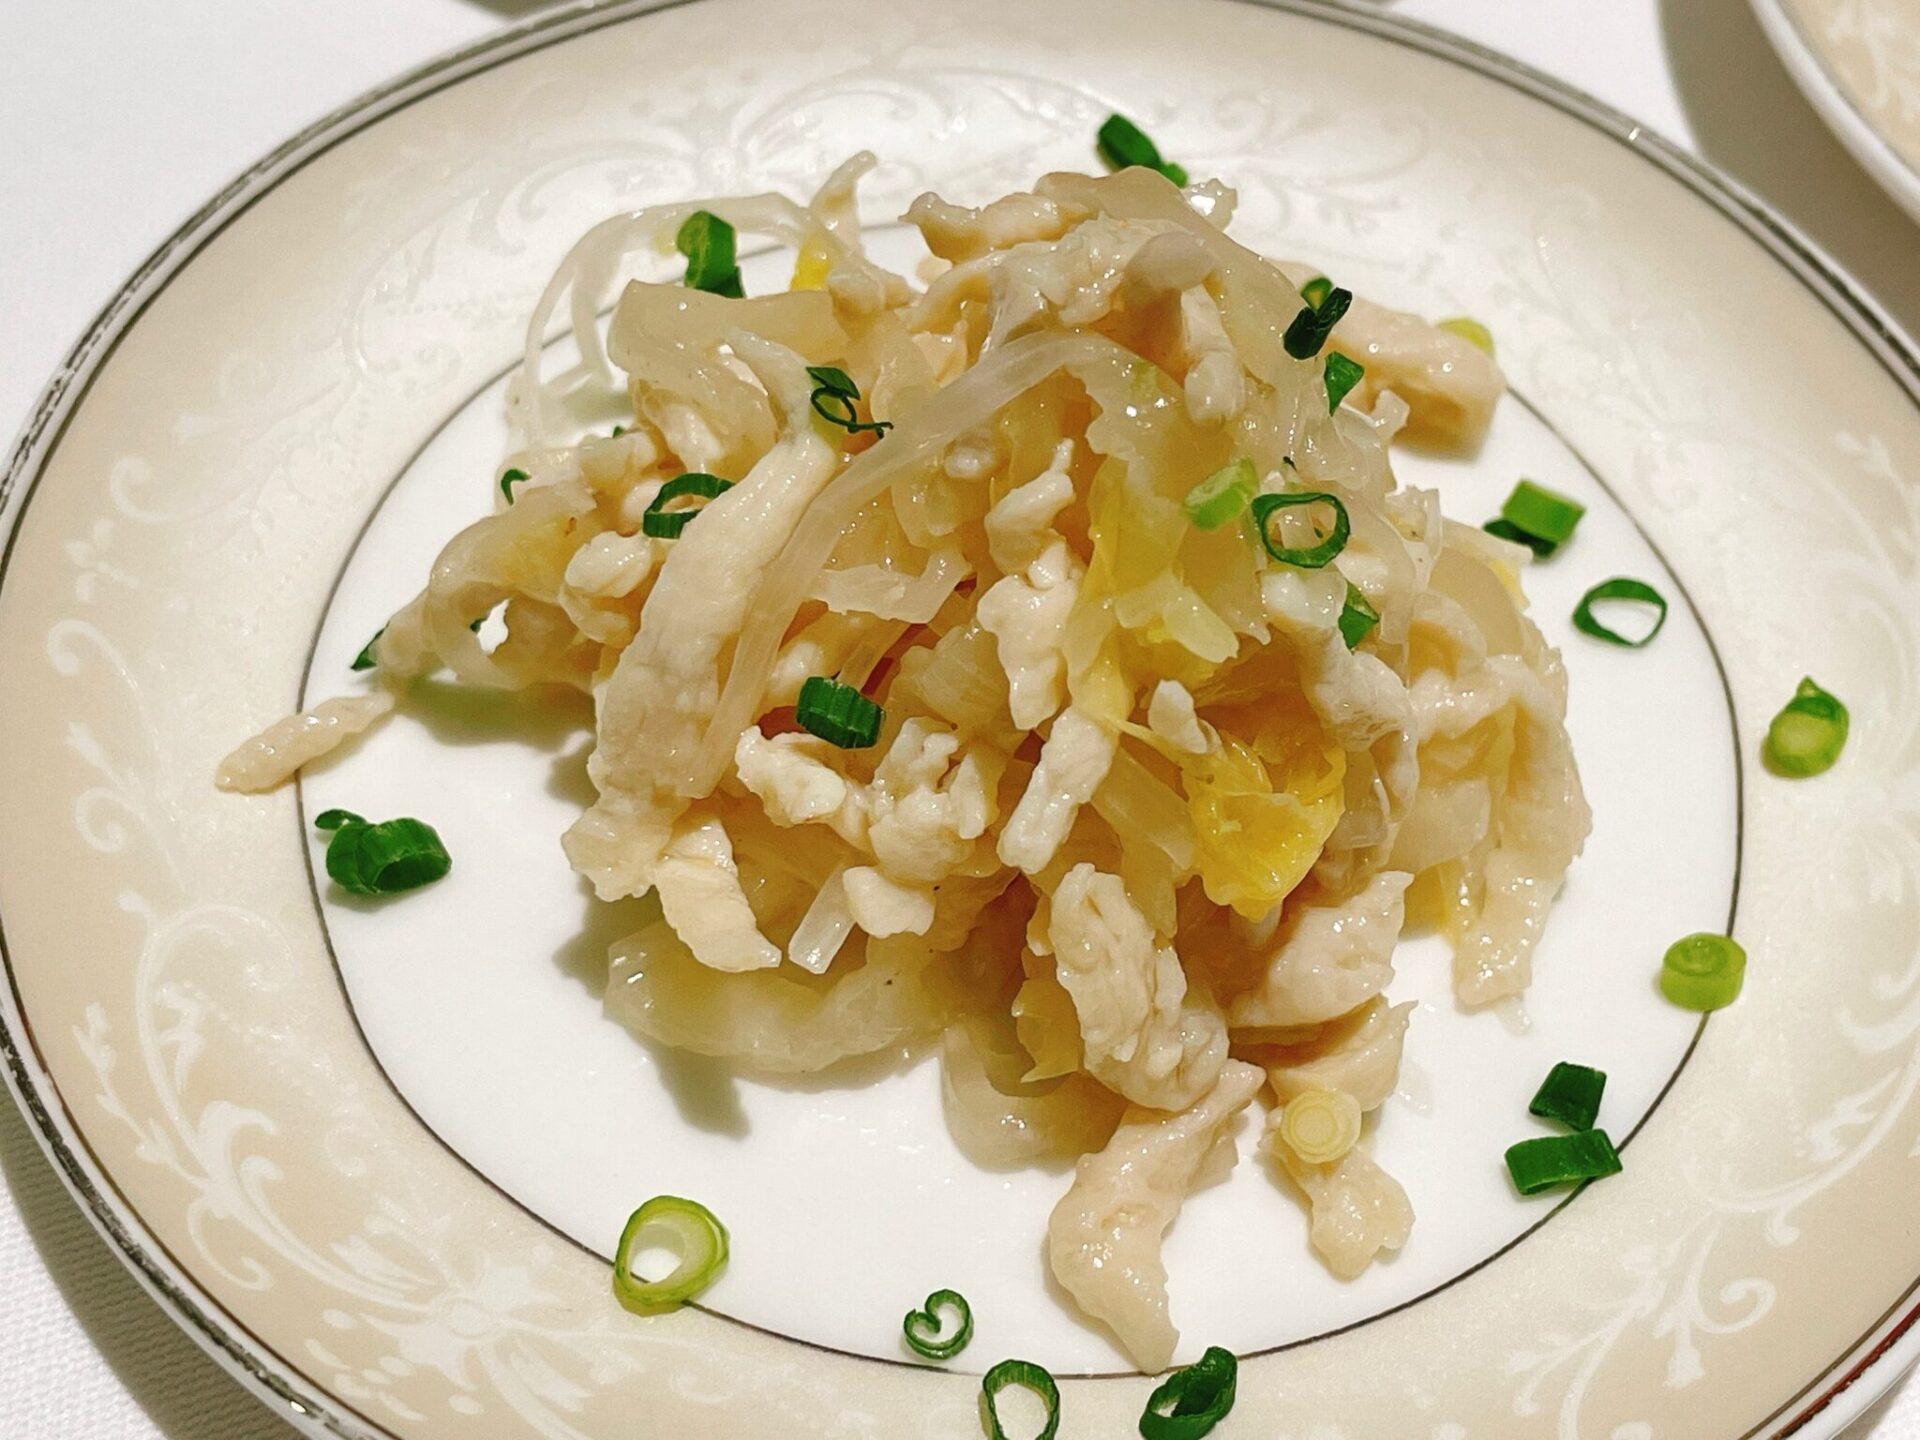 厲家菜(レイカサイ)銀座の鶏肉と白菜